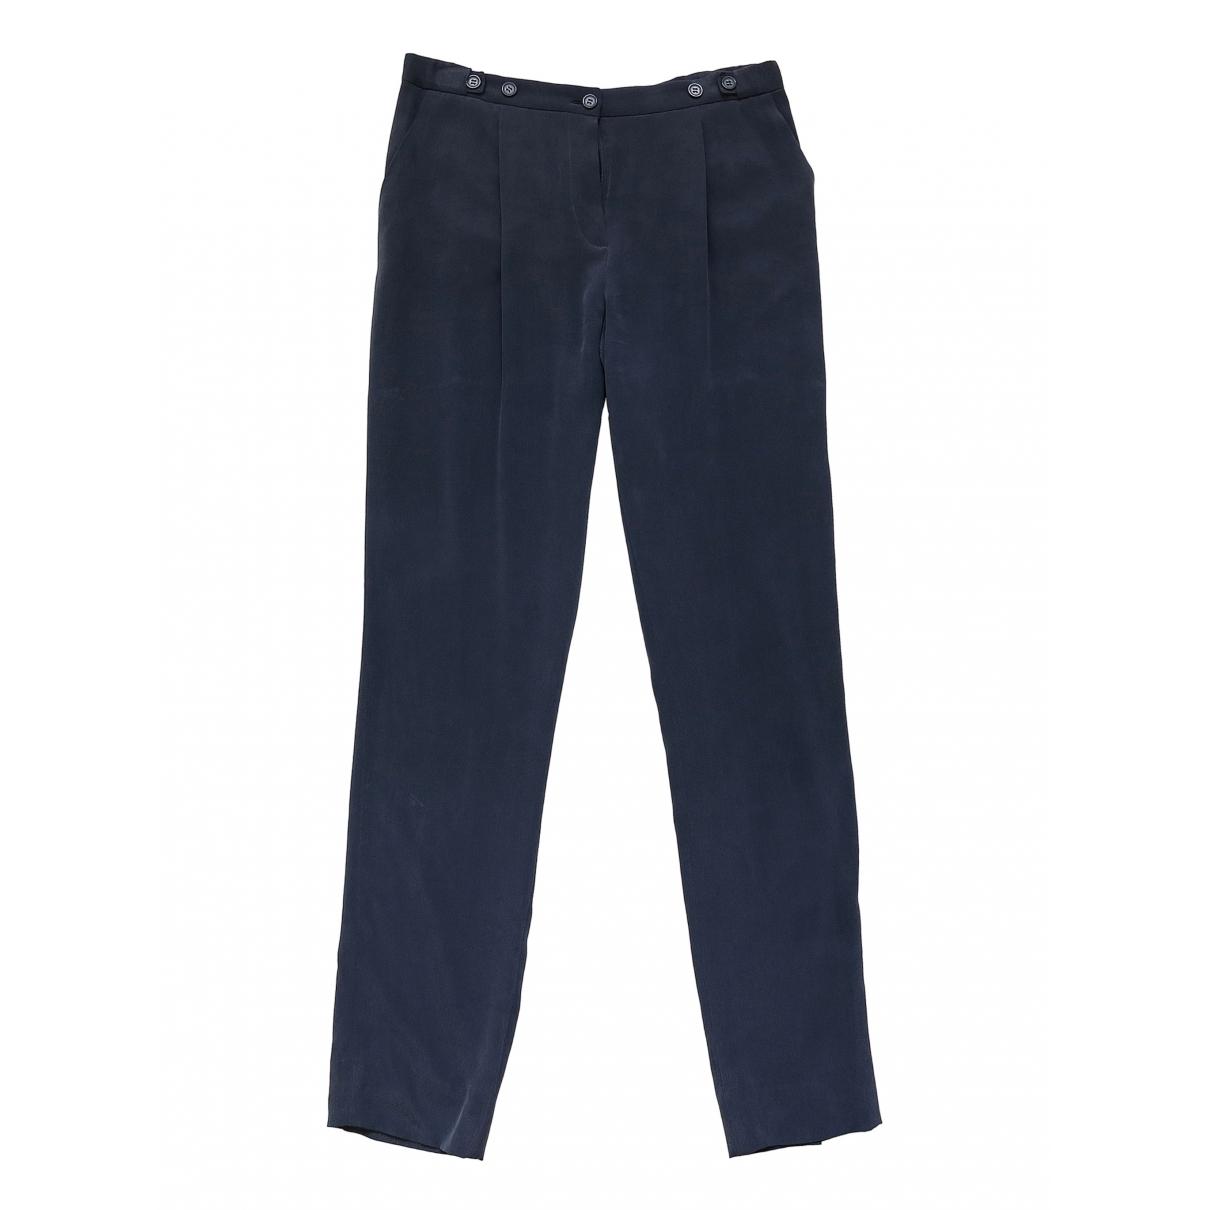 Pantalon recto de Seda Emporio Armani